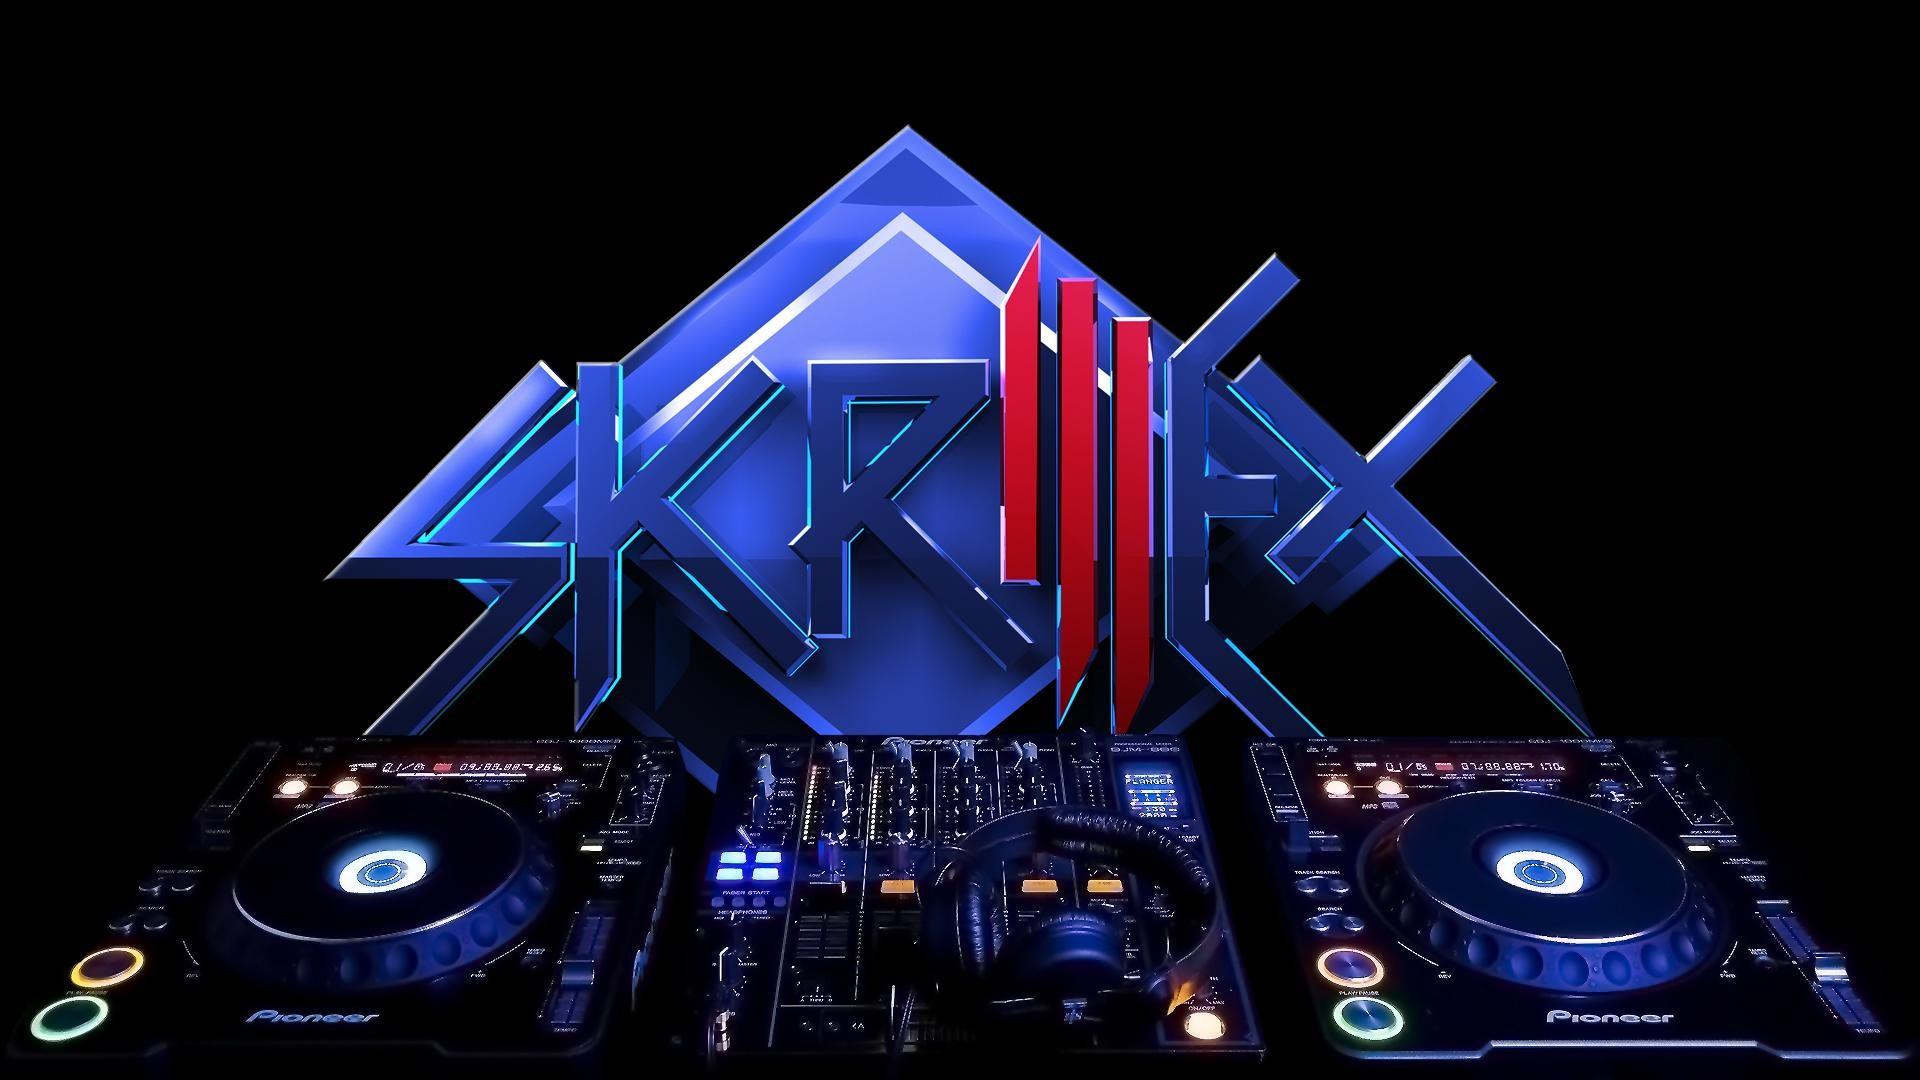 Skrillex high definition wallpapers